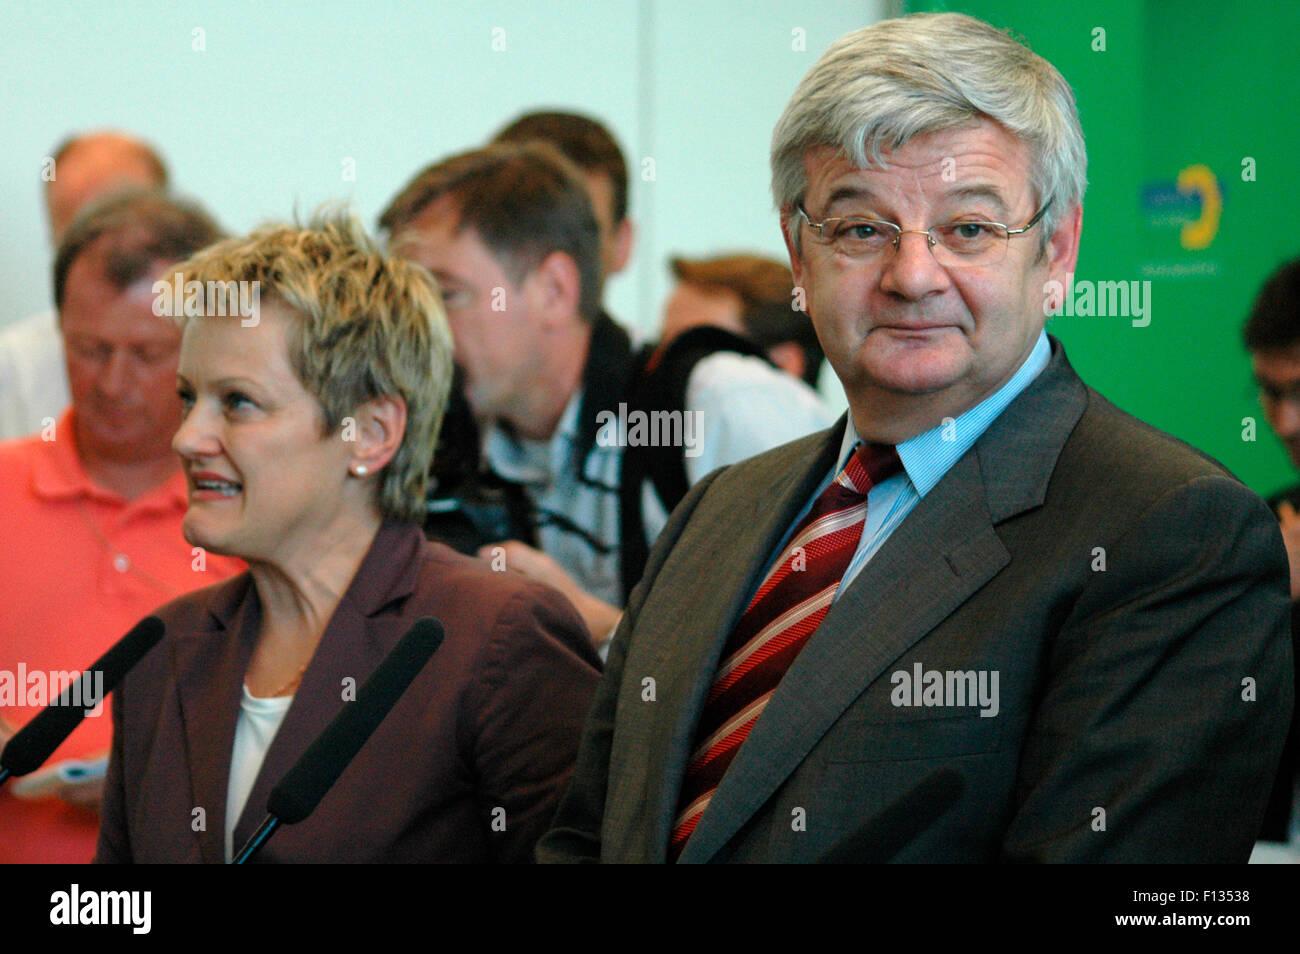 Renate Kuenast, Joschka Fischer - Pressekonferenz nach seiner Verabschiedung durch die Bundestagsfrakton der Gruenen am 27. Juni Stock Photo